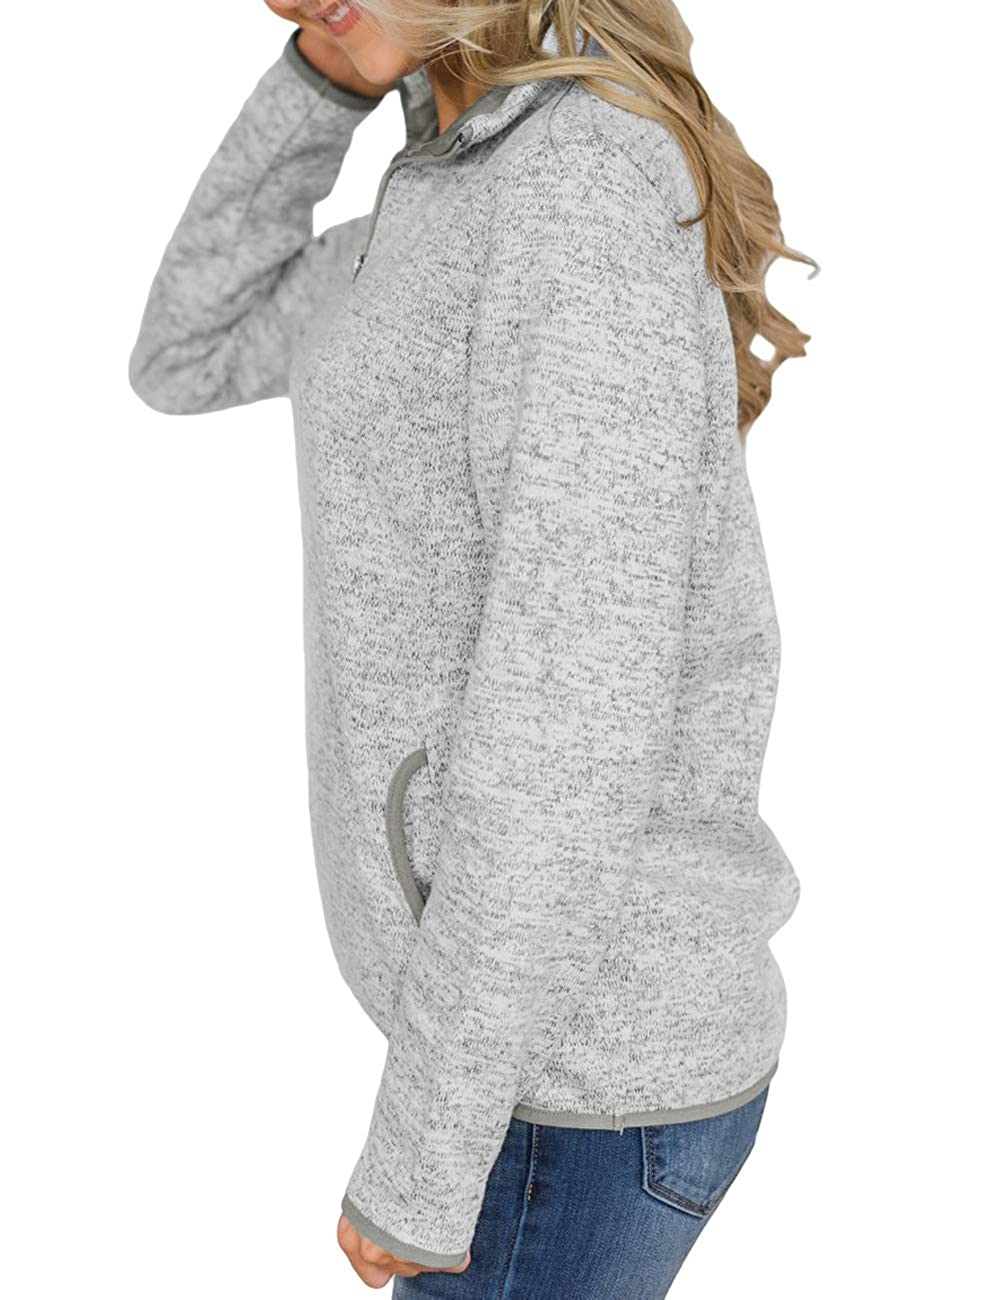 CILKOO Women Quarter Zip Color Block Pullover Sweatshirt Tops with Pockets S-XXL